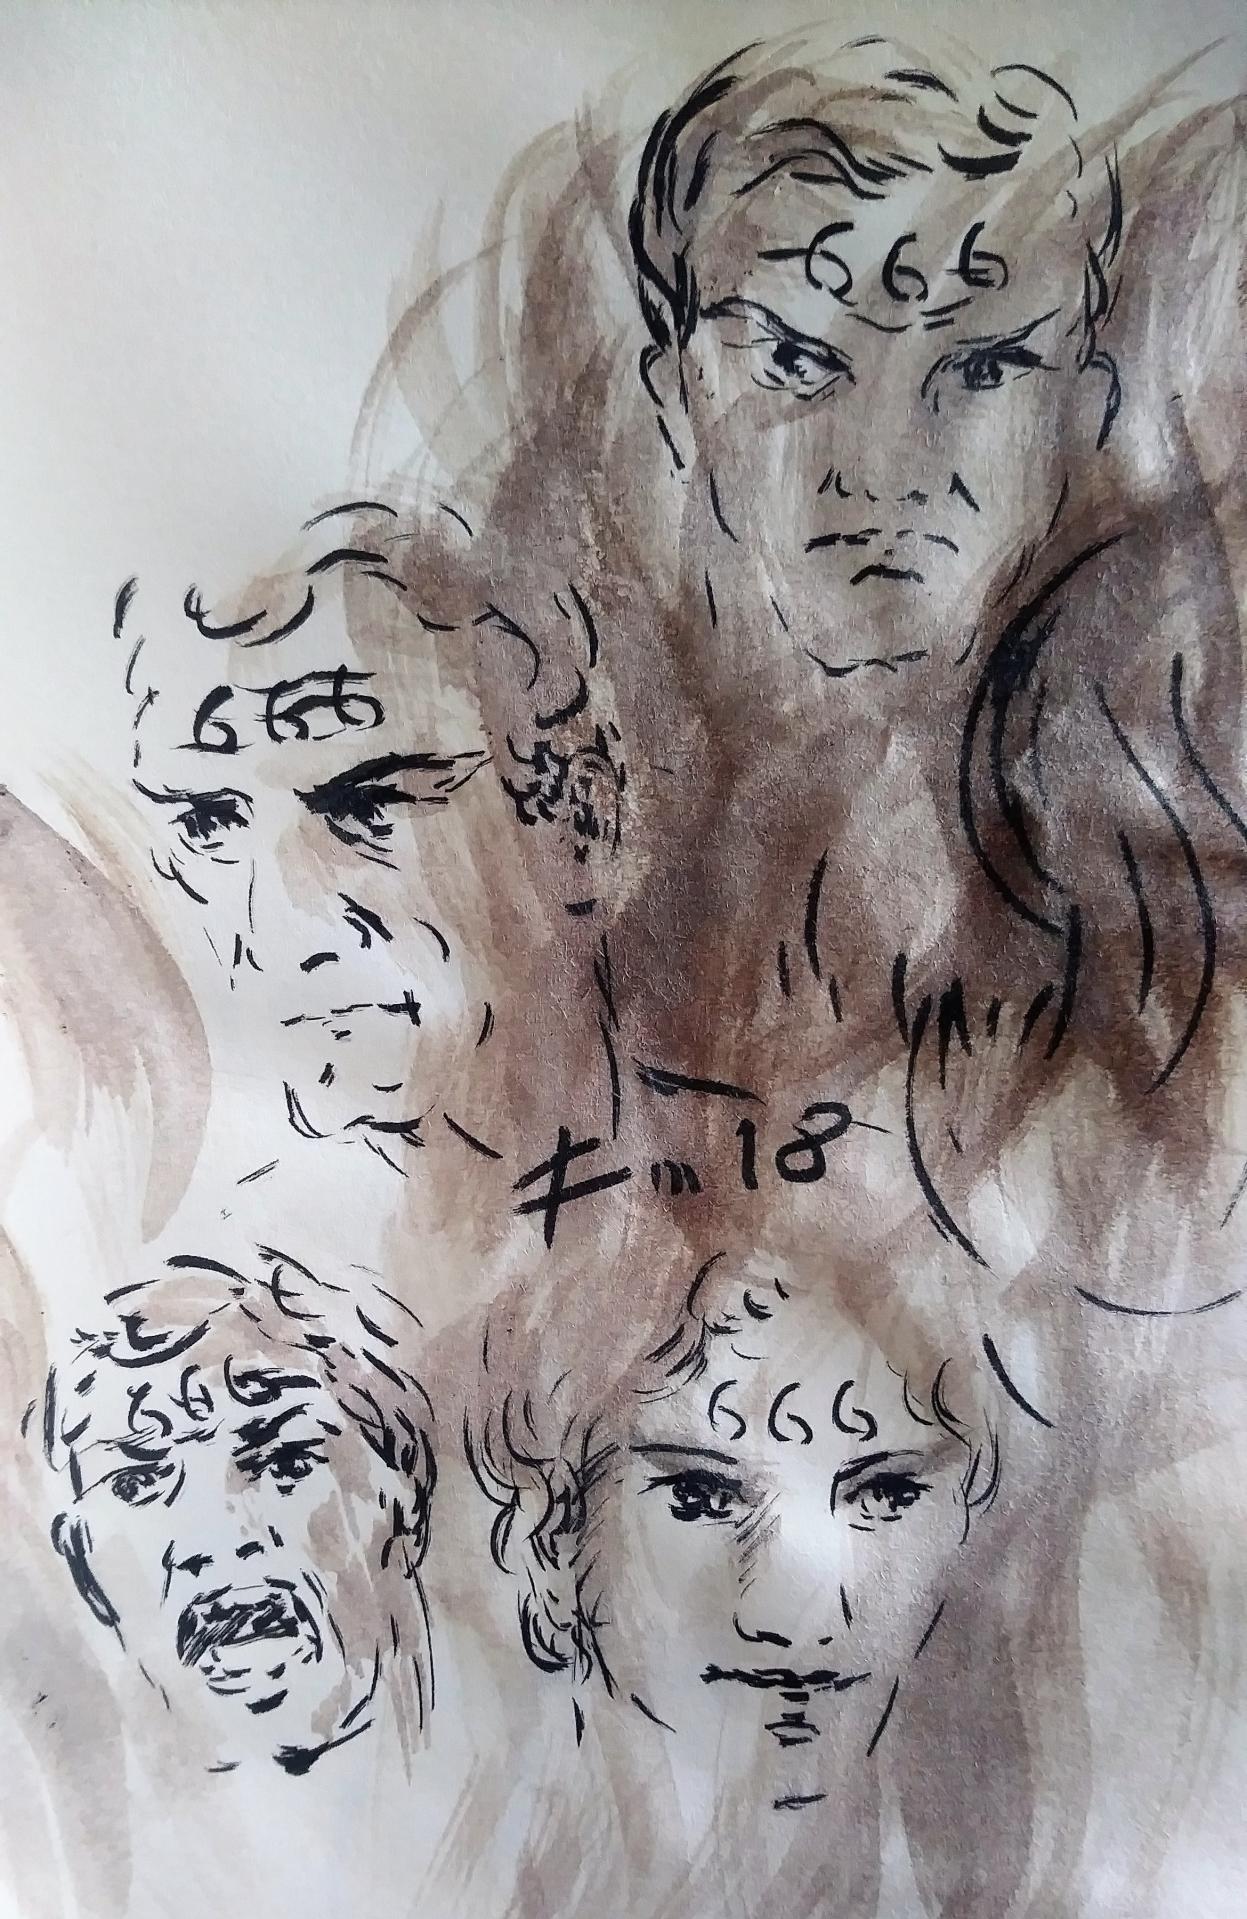 5 Mai 2018, évangile du jour illustré par un dessin au lavis